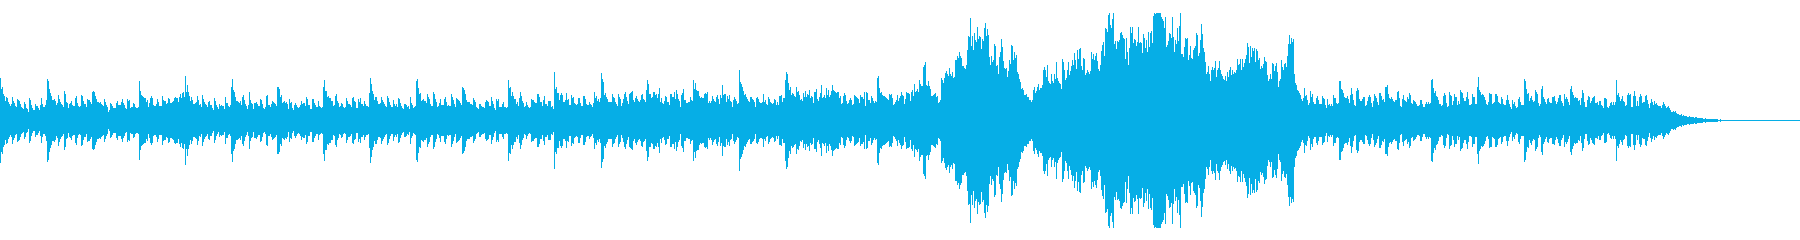 ピアノ ポストクラシカル 美しい映像の再生済みの波形